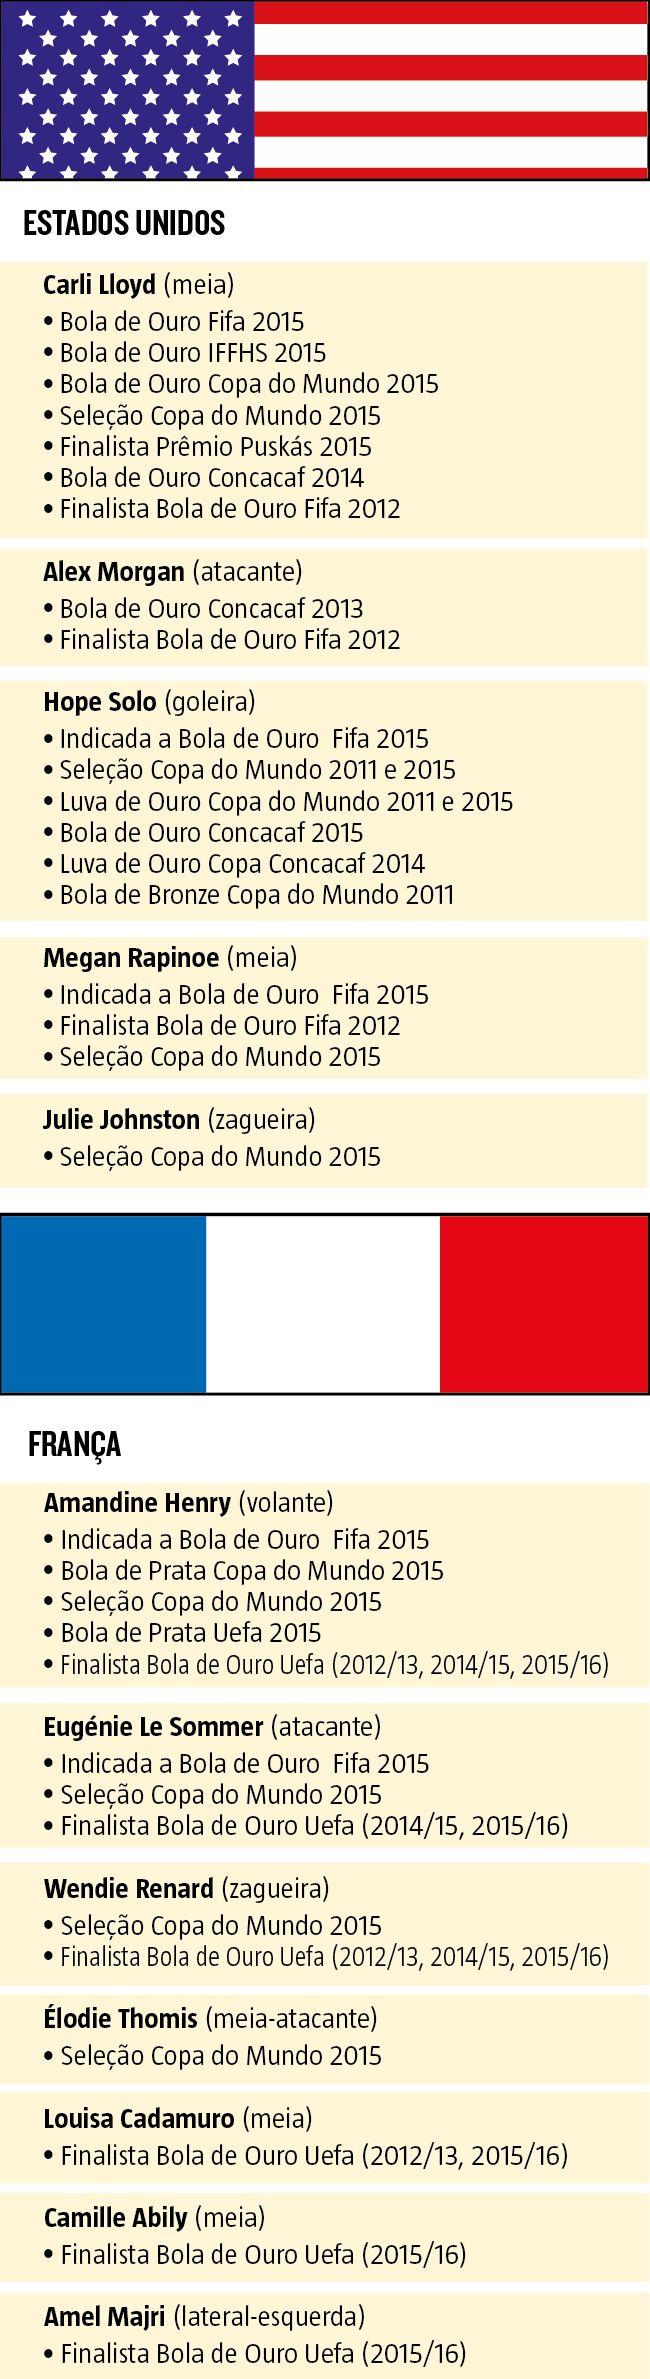 Você provavelmente não sabe, mas algumas das maiores estrelas do futebol mundial estão em Belo Horizonte para a disputa da Olimpíada. É que o fato passa despercebido em um país-sede sem qualquer atenção à categoria feminina do esporte. (06/08/2016) #Rio2016 #Olimpíada #JogosOlímpicos #França #EUA #USA #Futebol #Feminino #Infográfico #Infografia #HojeEmDia